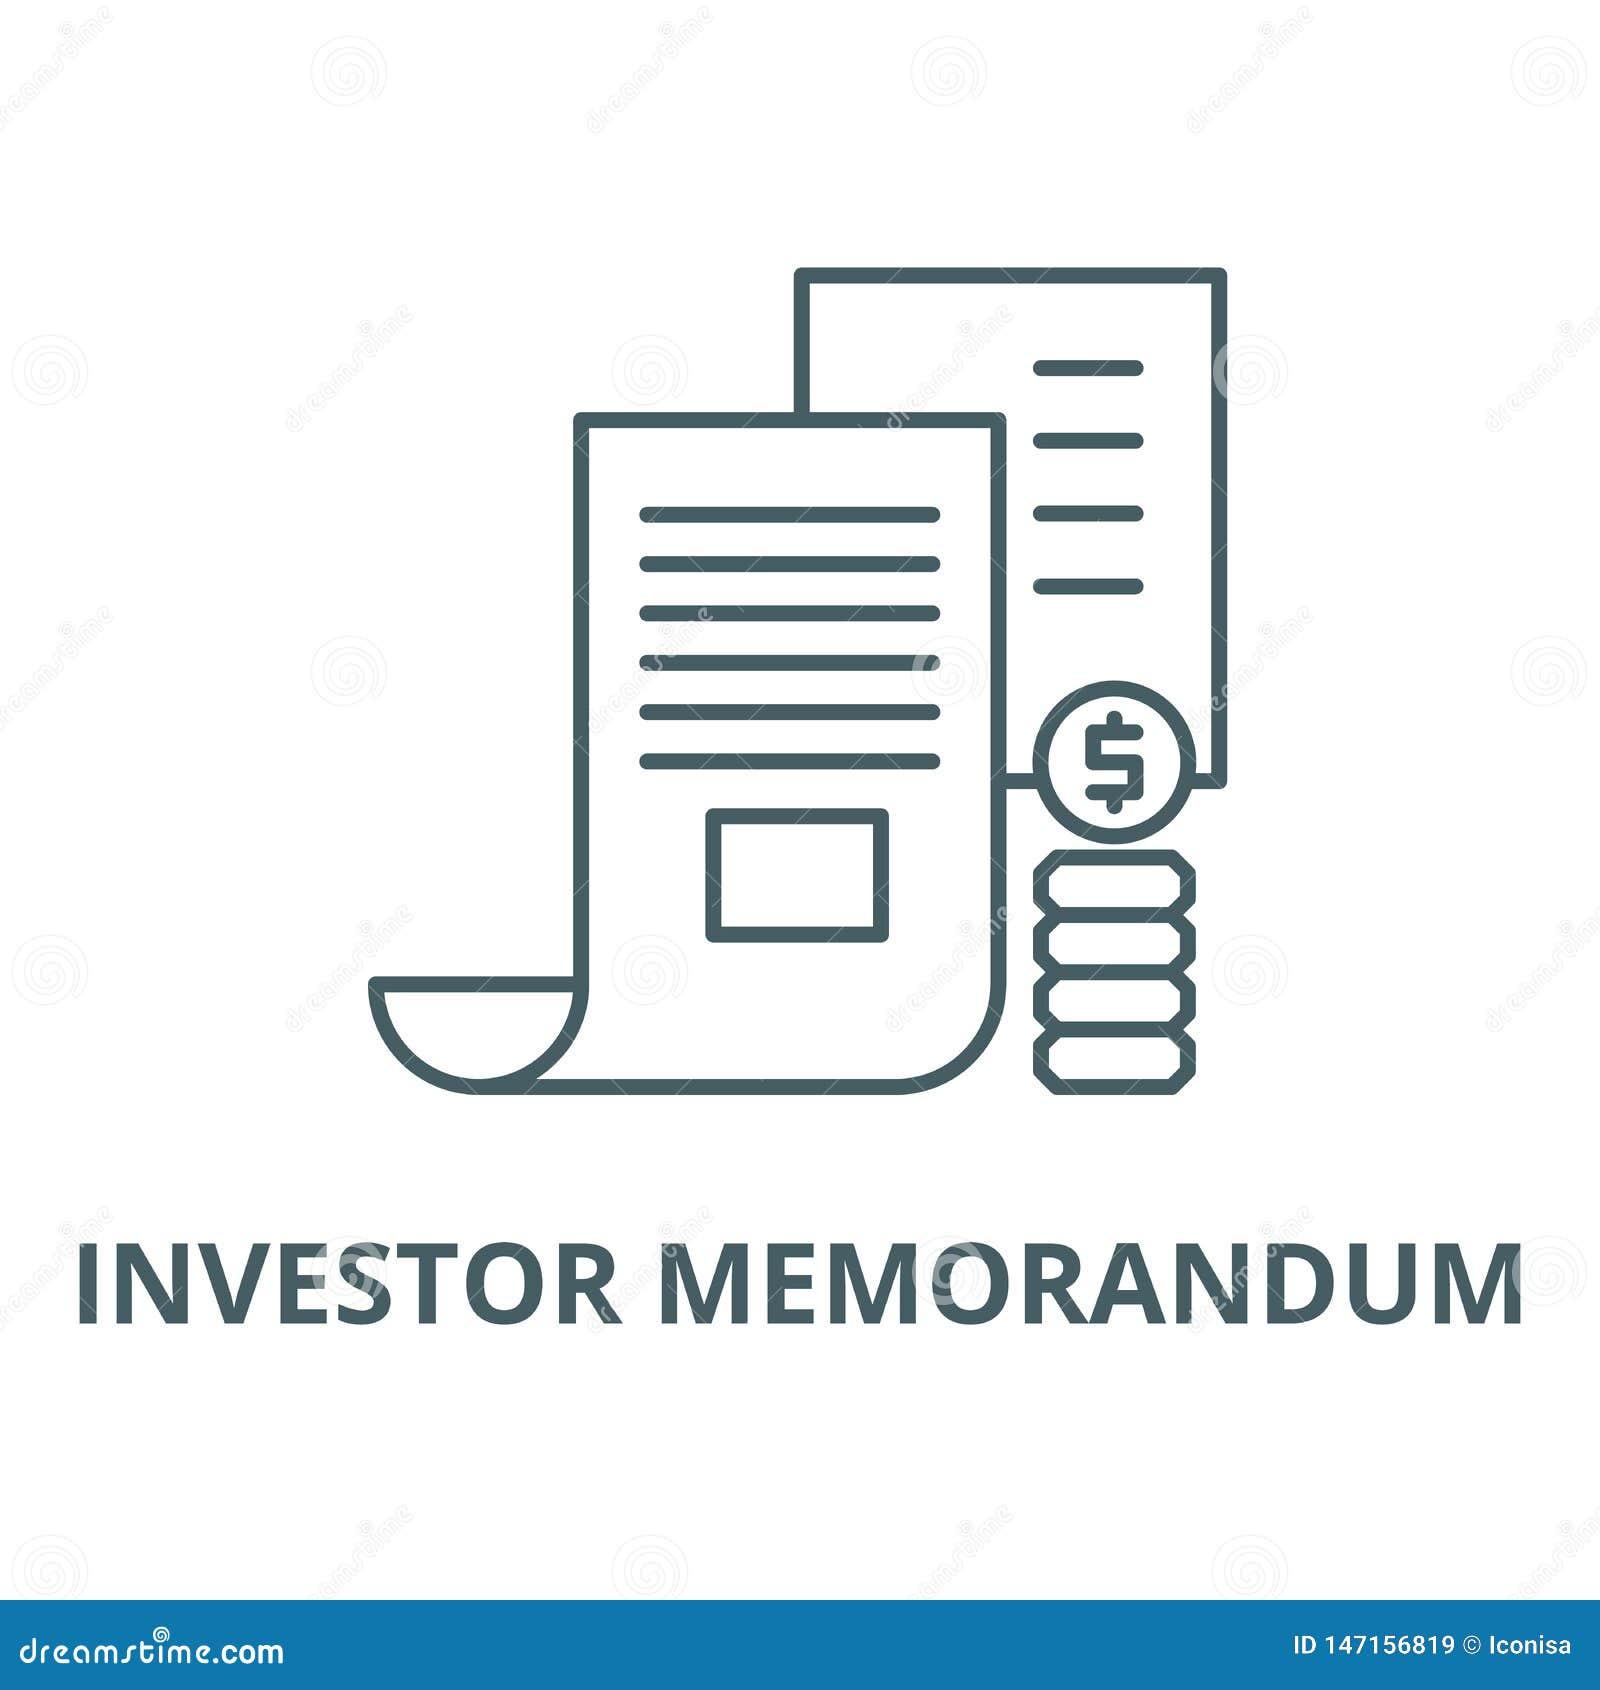 Línea icono, concepto linear, muestra del esquema, símbolo del vector del memorándum del inversor